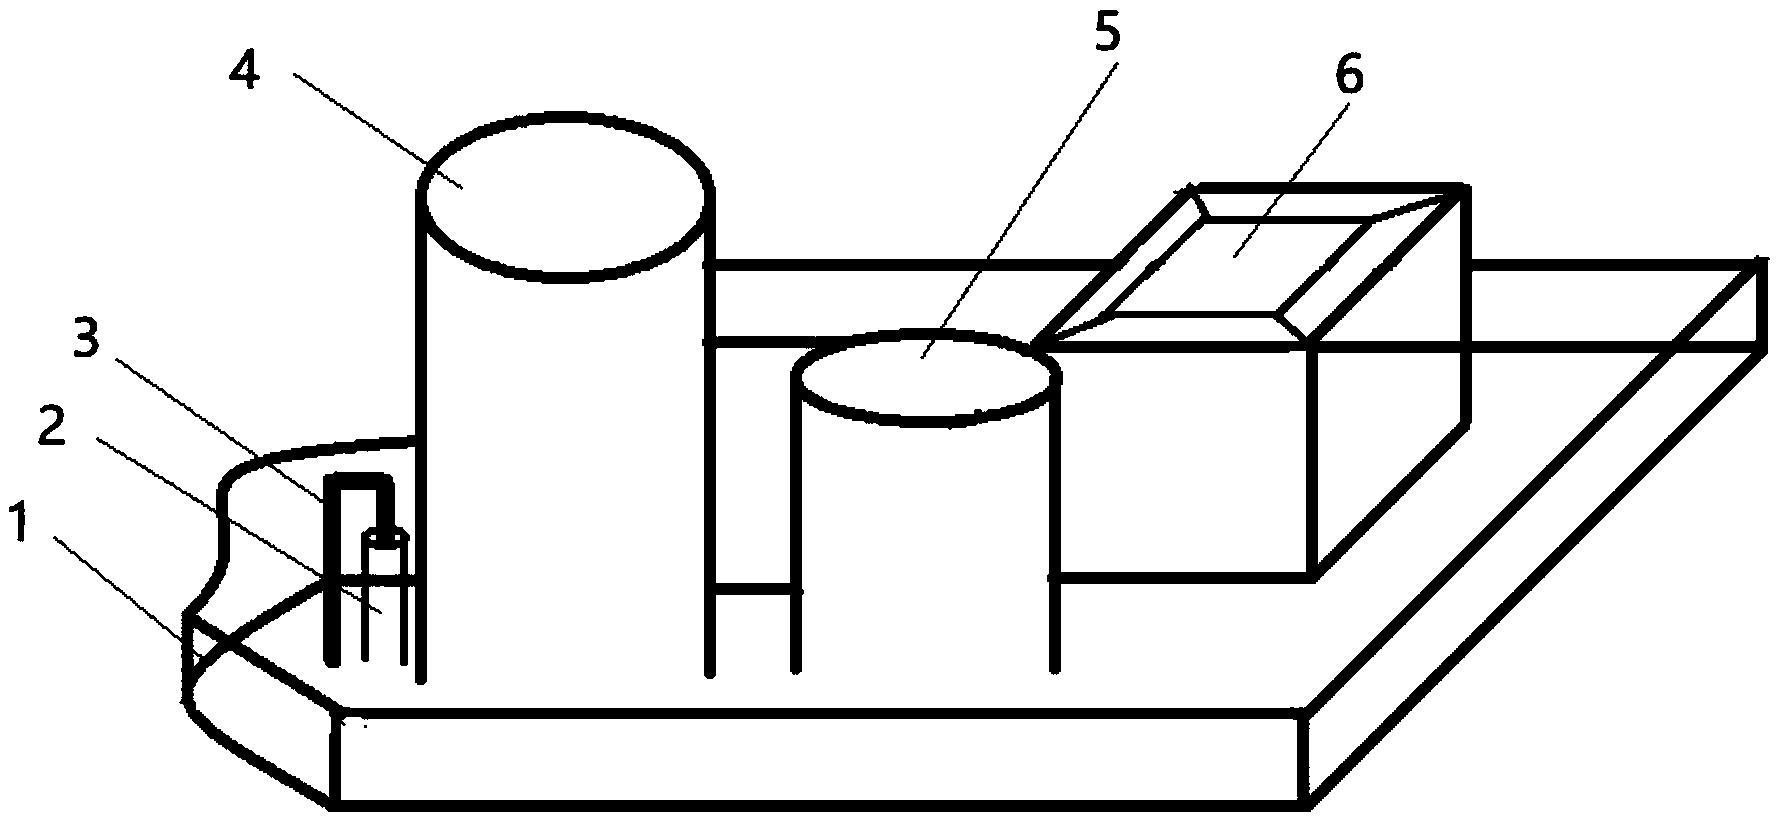 畜牧养殖水处理集成设备